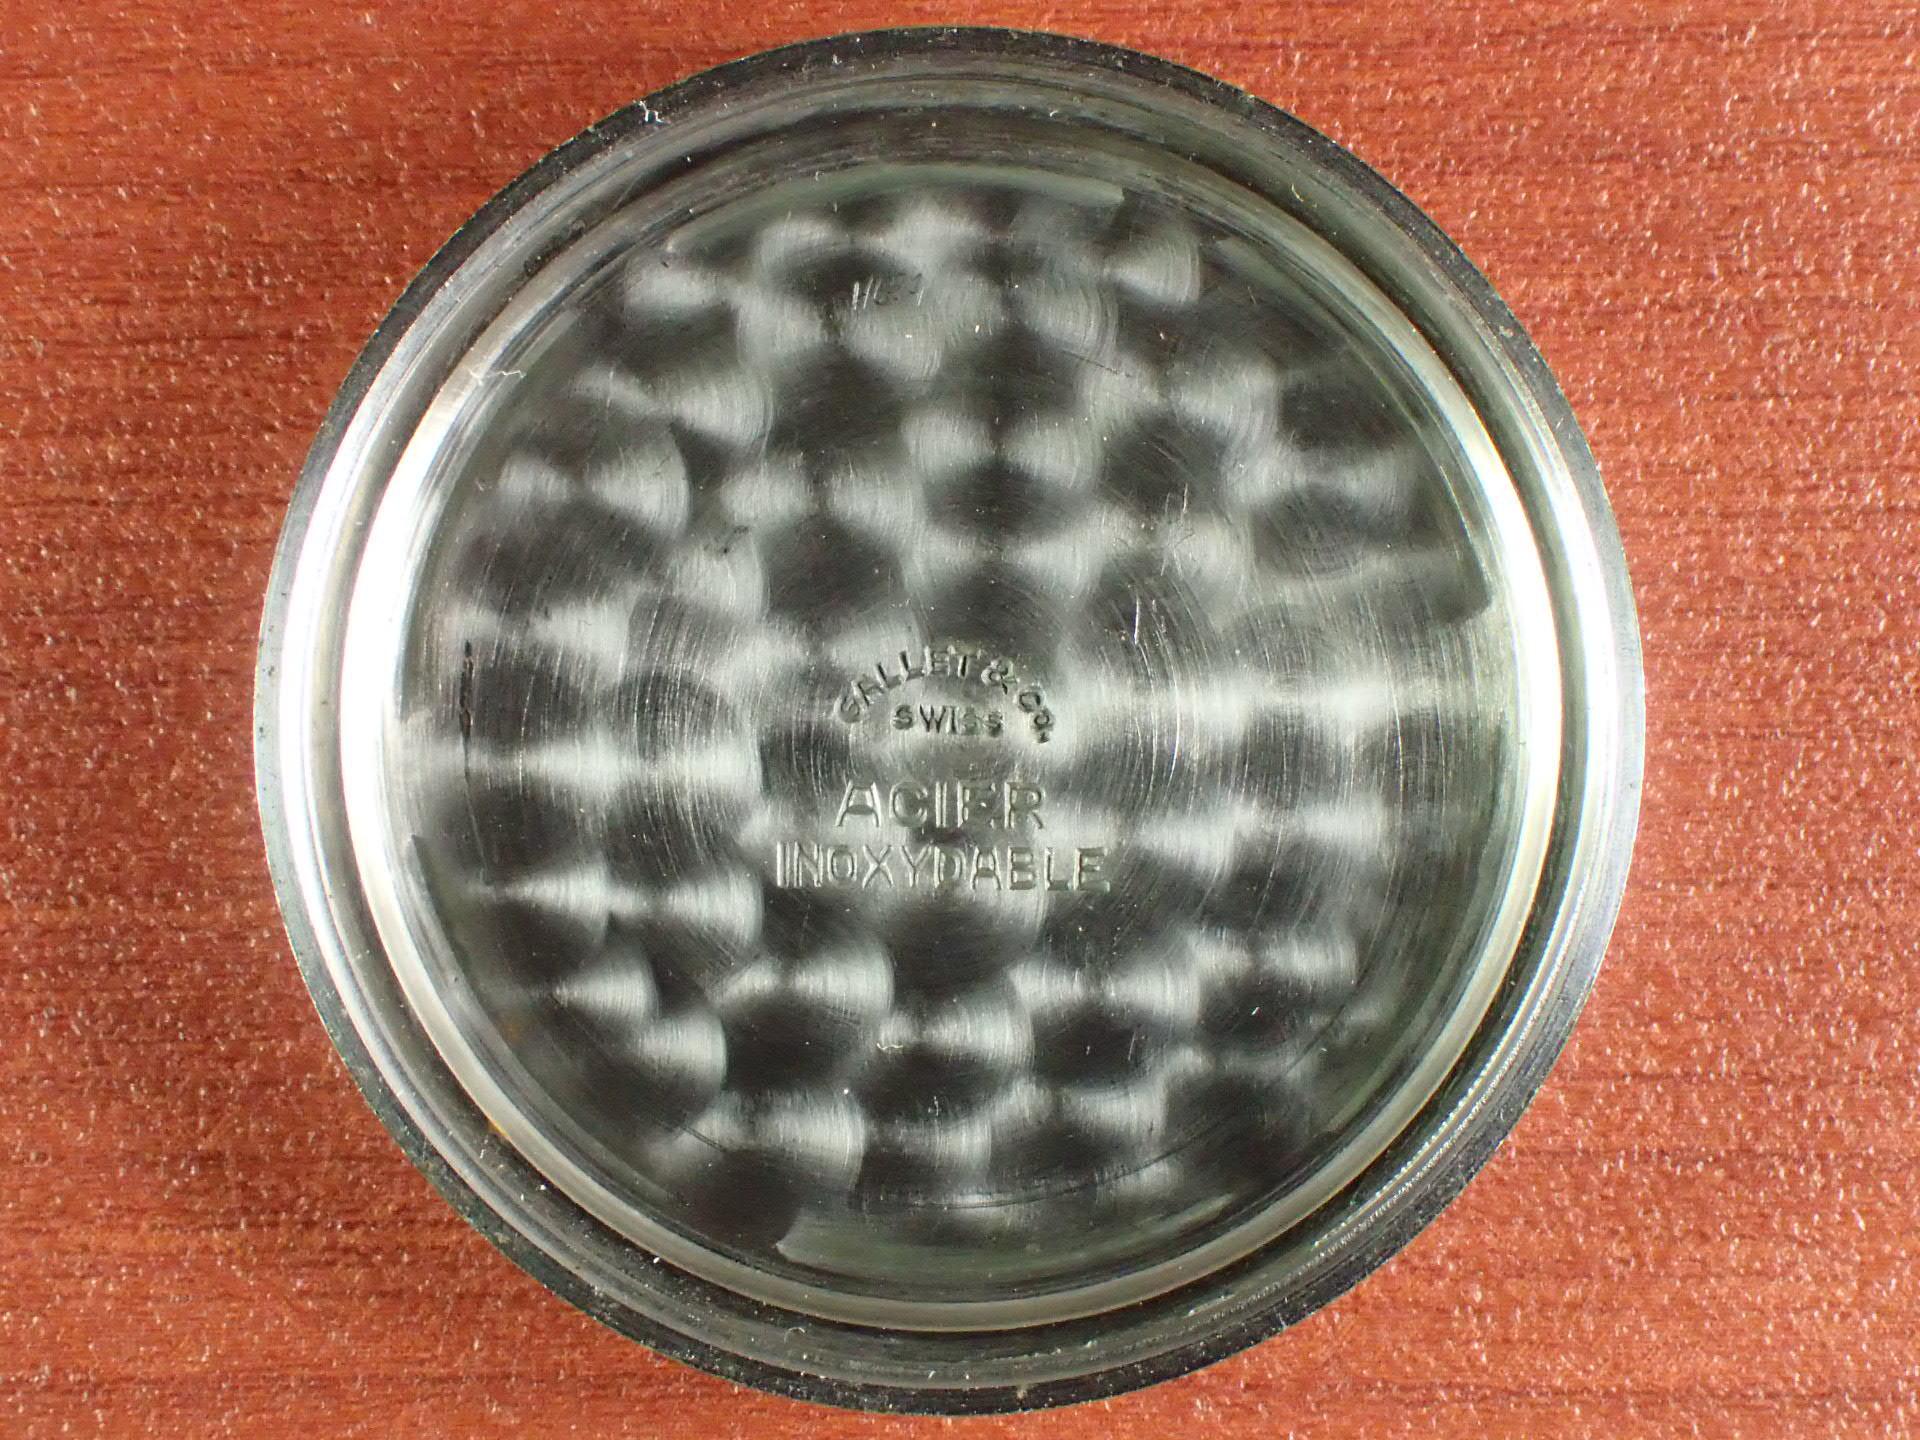 ギャレット クロノグラフ Cal.エクセルシオパーク4 スパイラルタキ 1940年代の写真6枚目